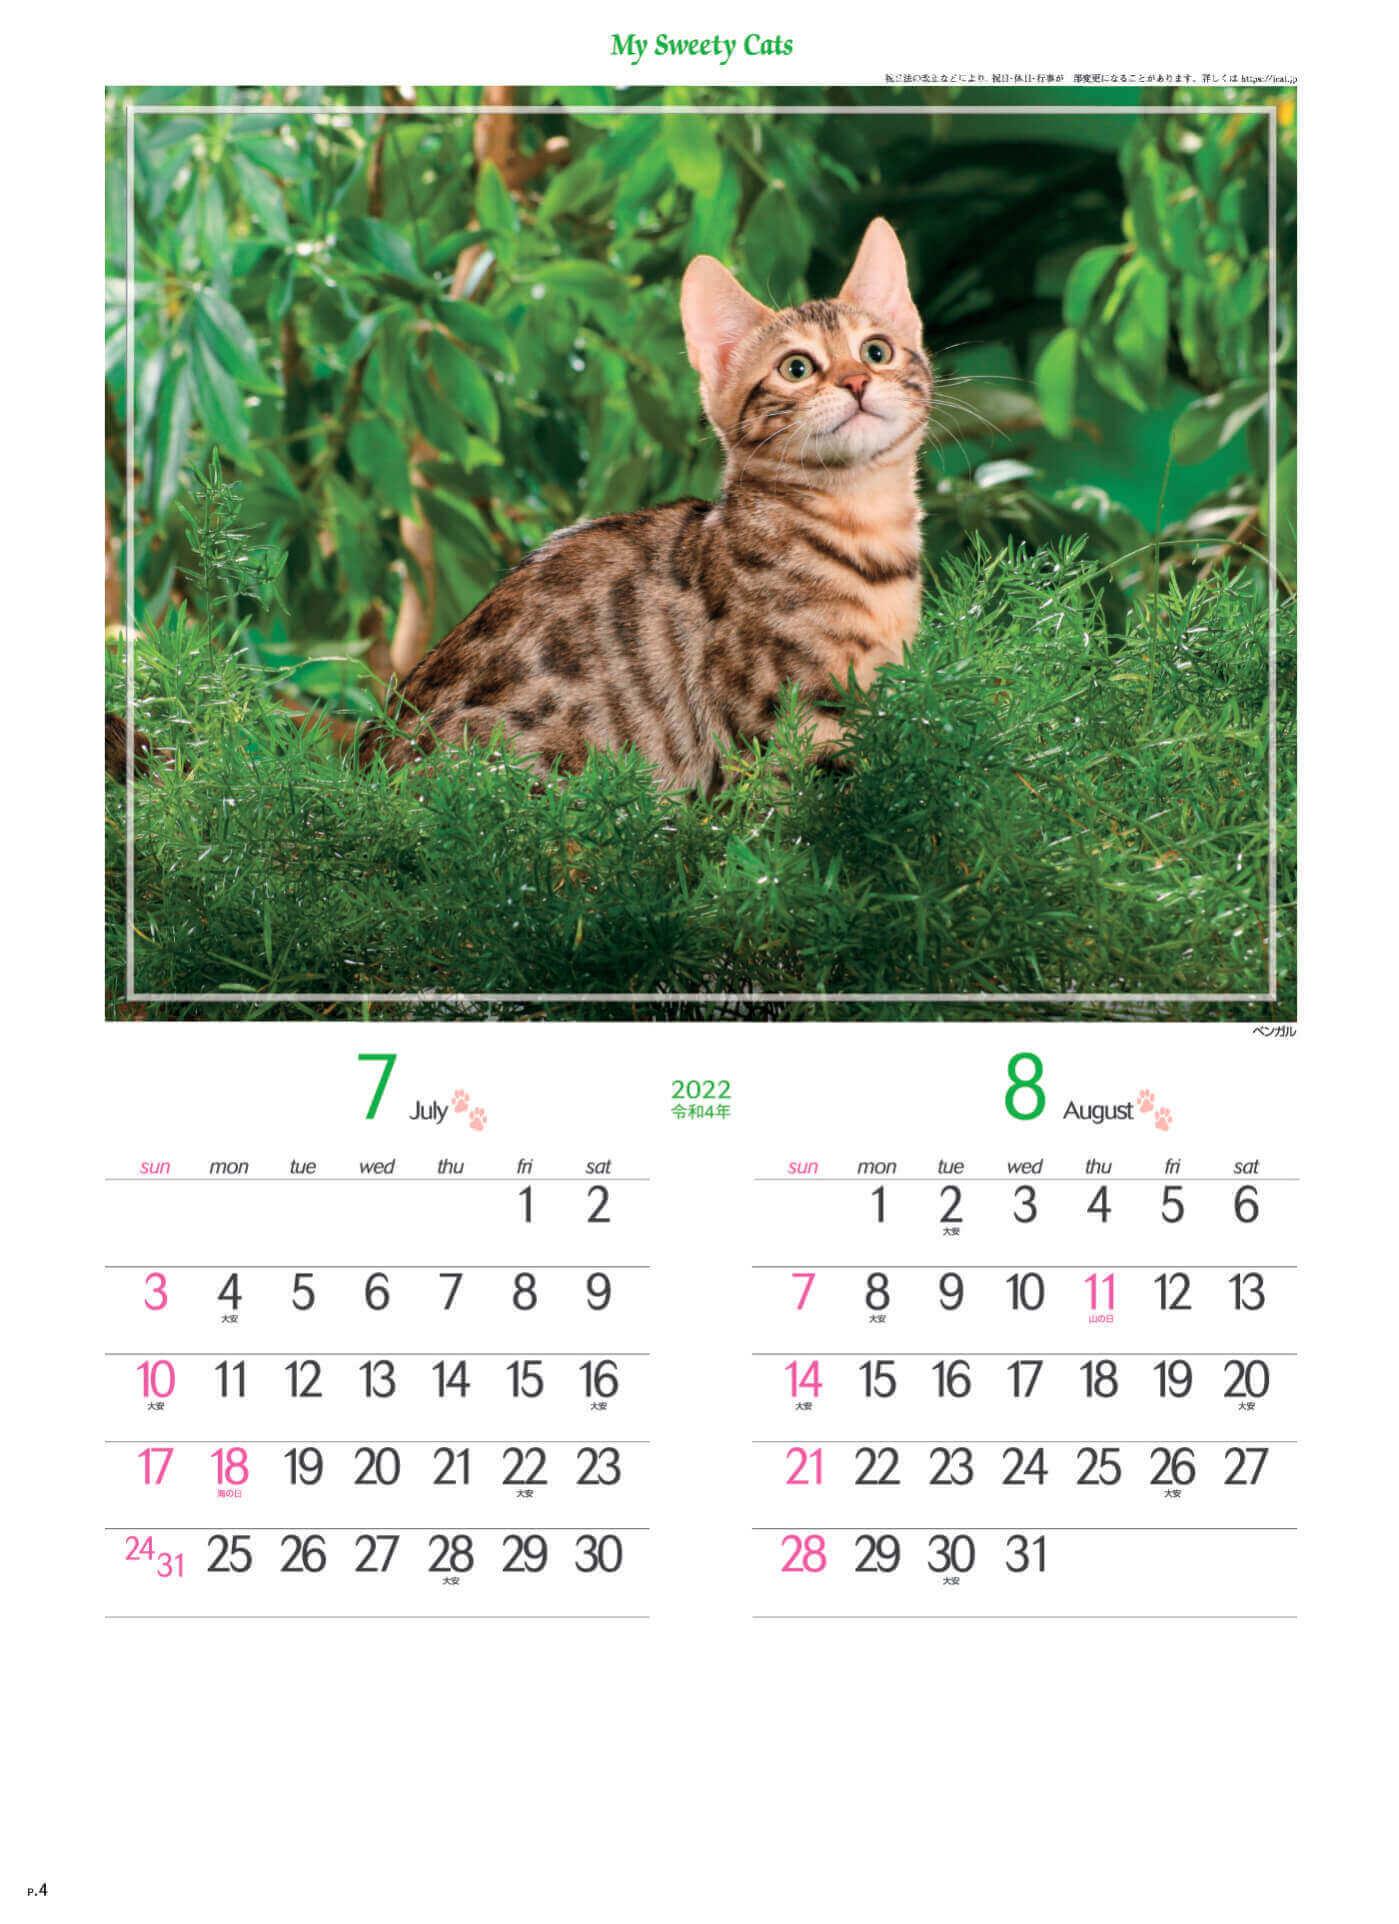 7-8月 ベンガル マイスウィーティーキャット 2022年カレンダーの画像